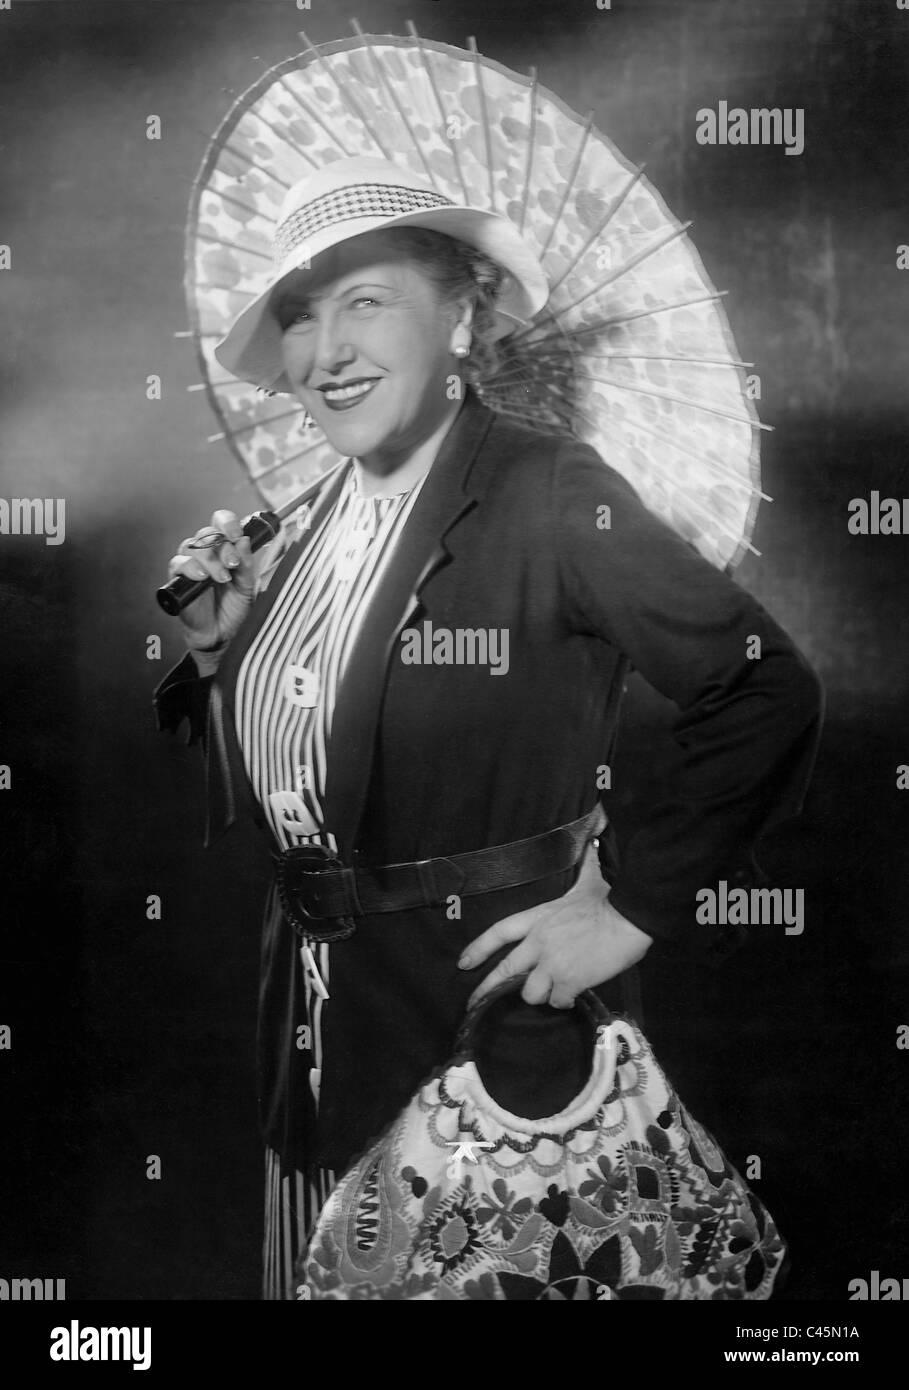 Ida Wuest in 'A seafaring is fun', 1935 - Stock Image